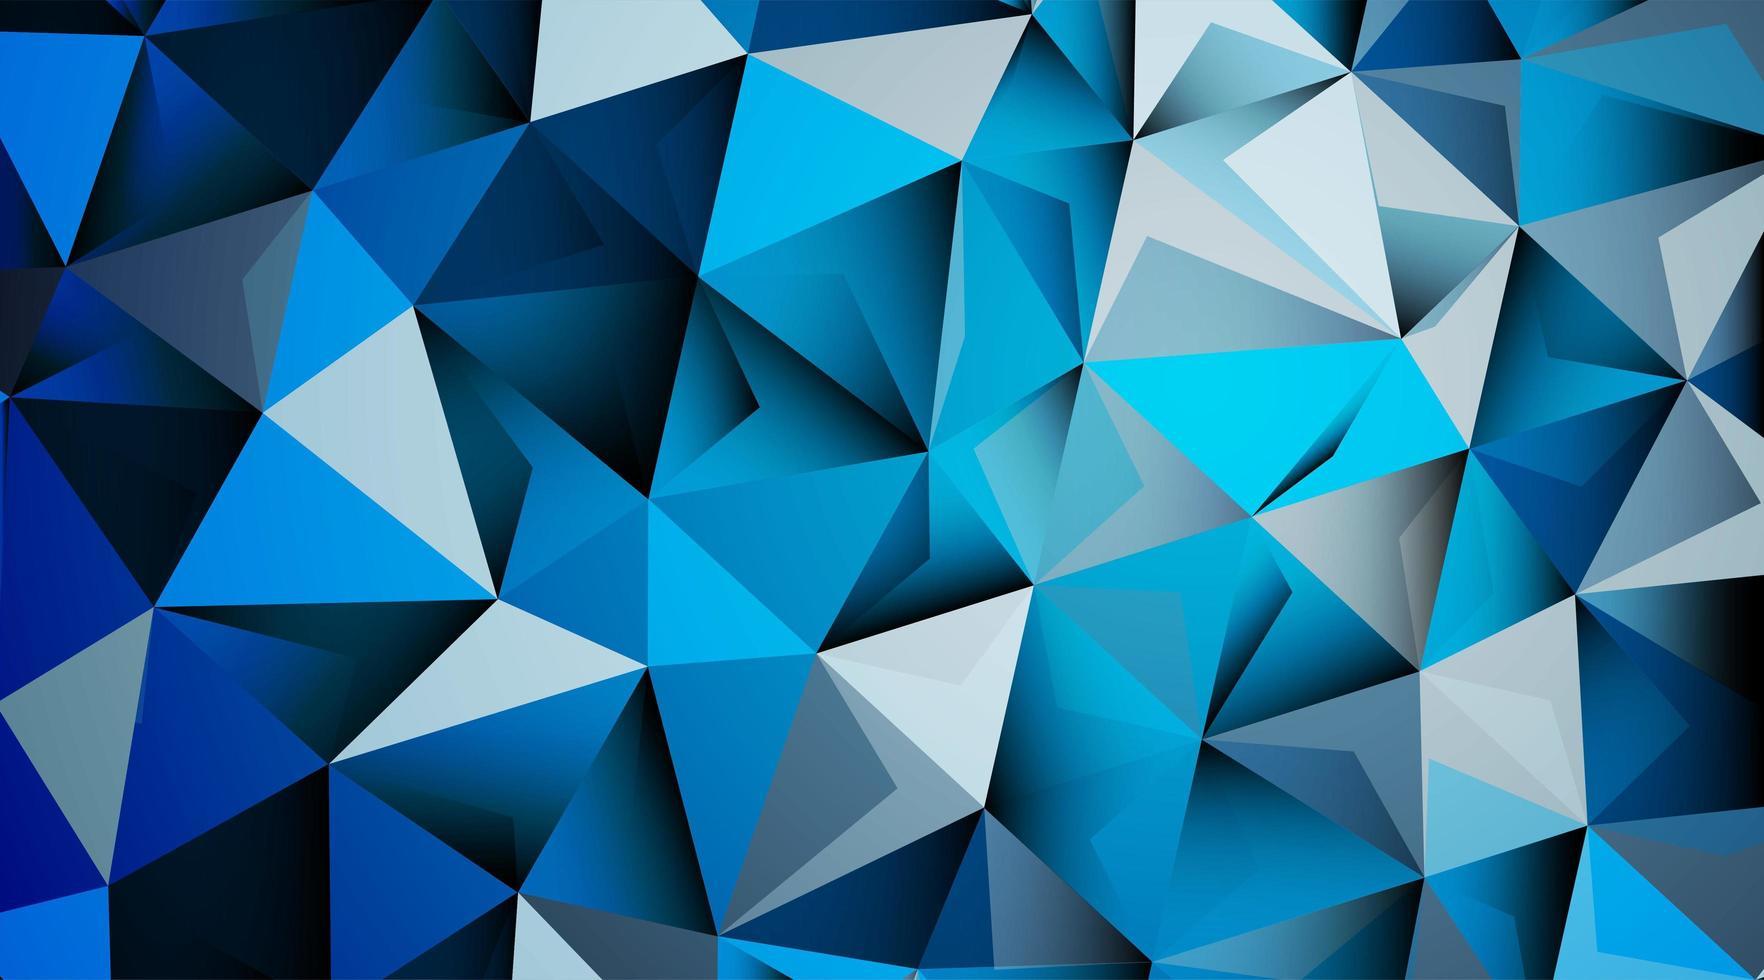 abstrakter Hintergrund des Dreiecksmusters in blau vektor